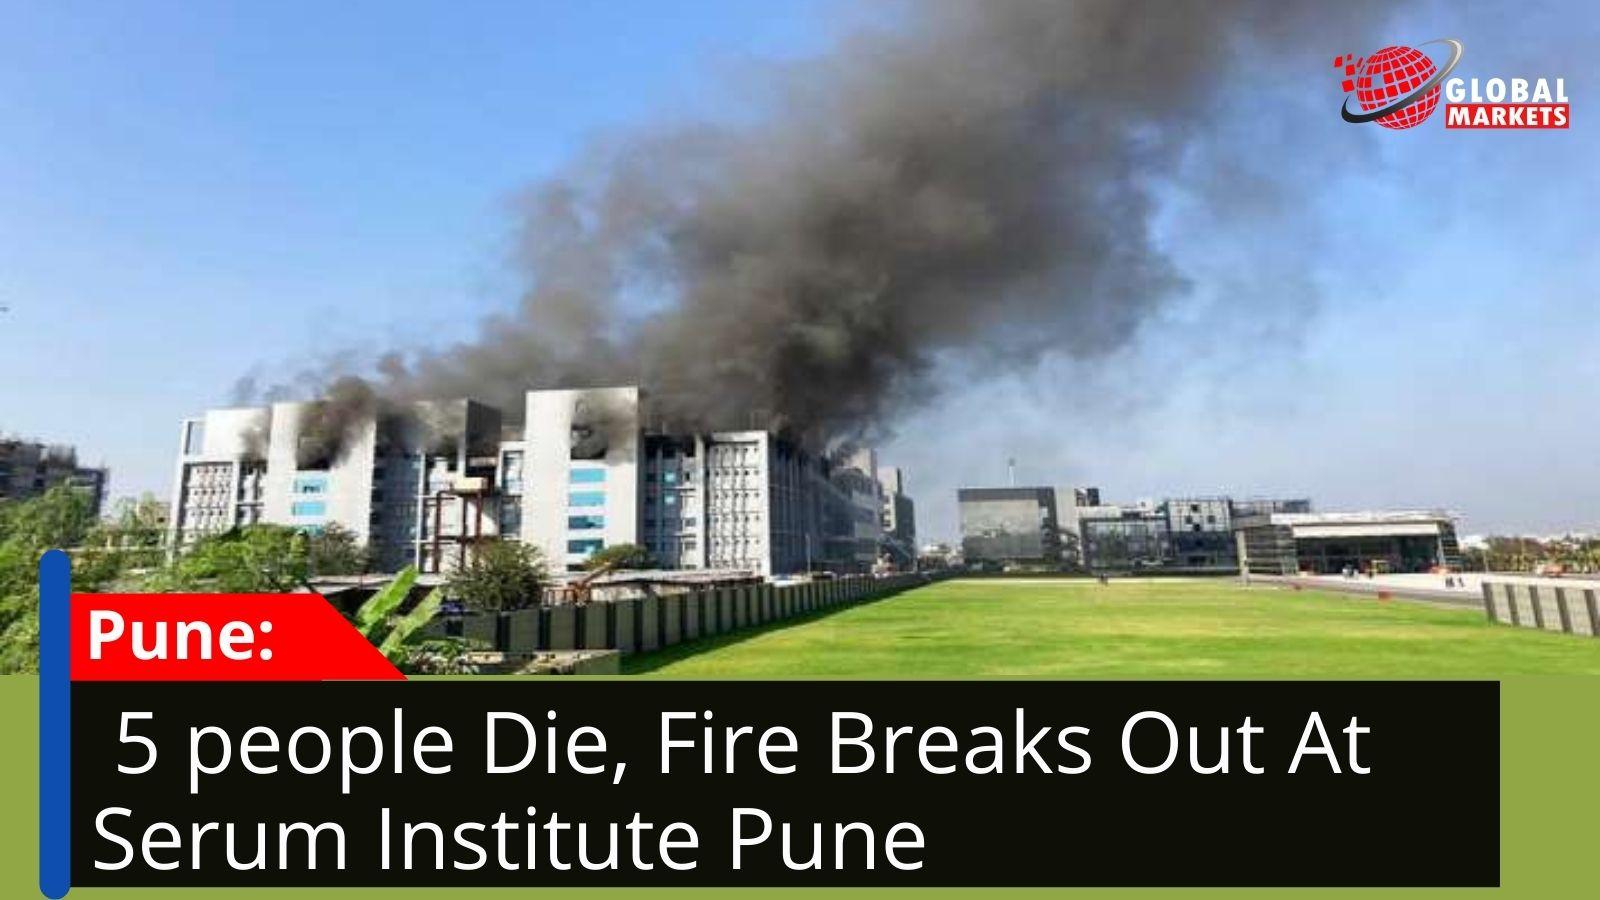 Pune:  5 people Die in Fire Breaks Out At Serum Institute Pune